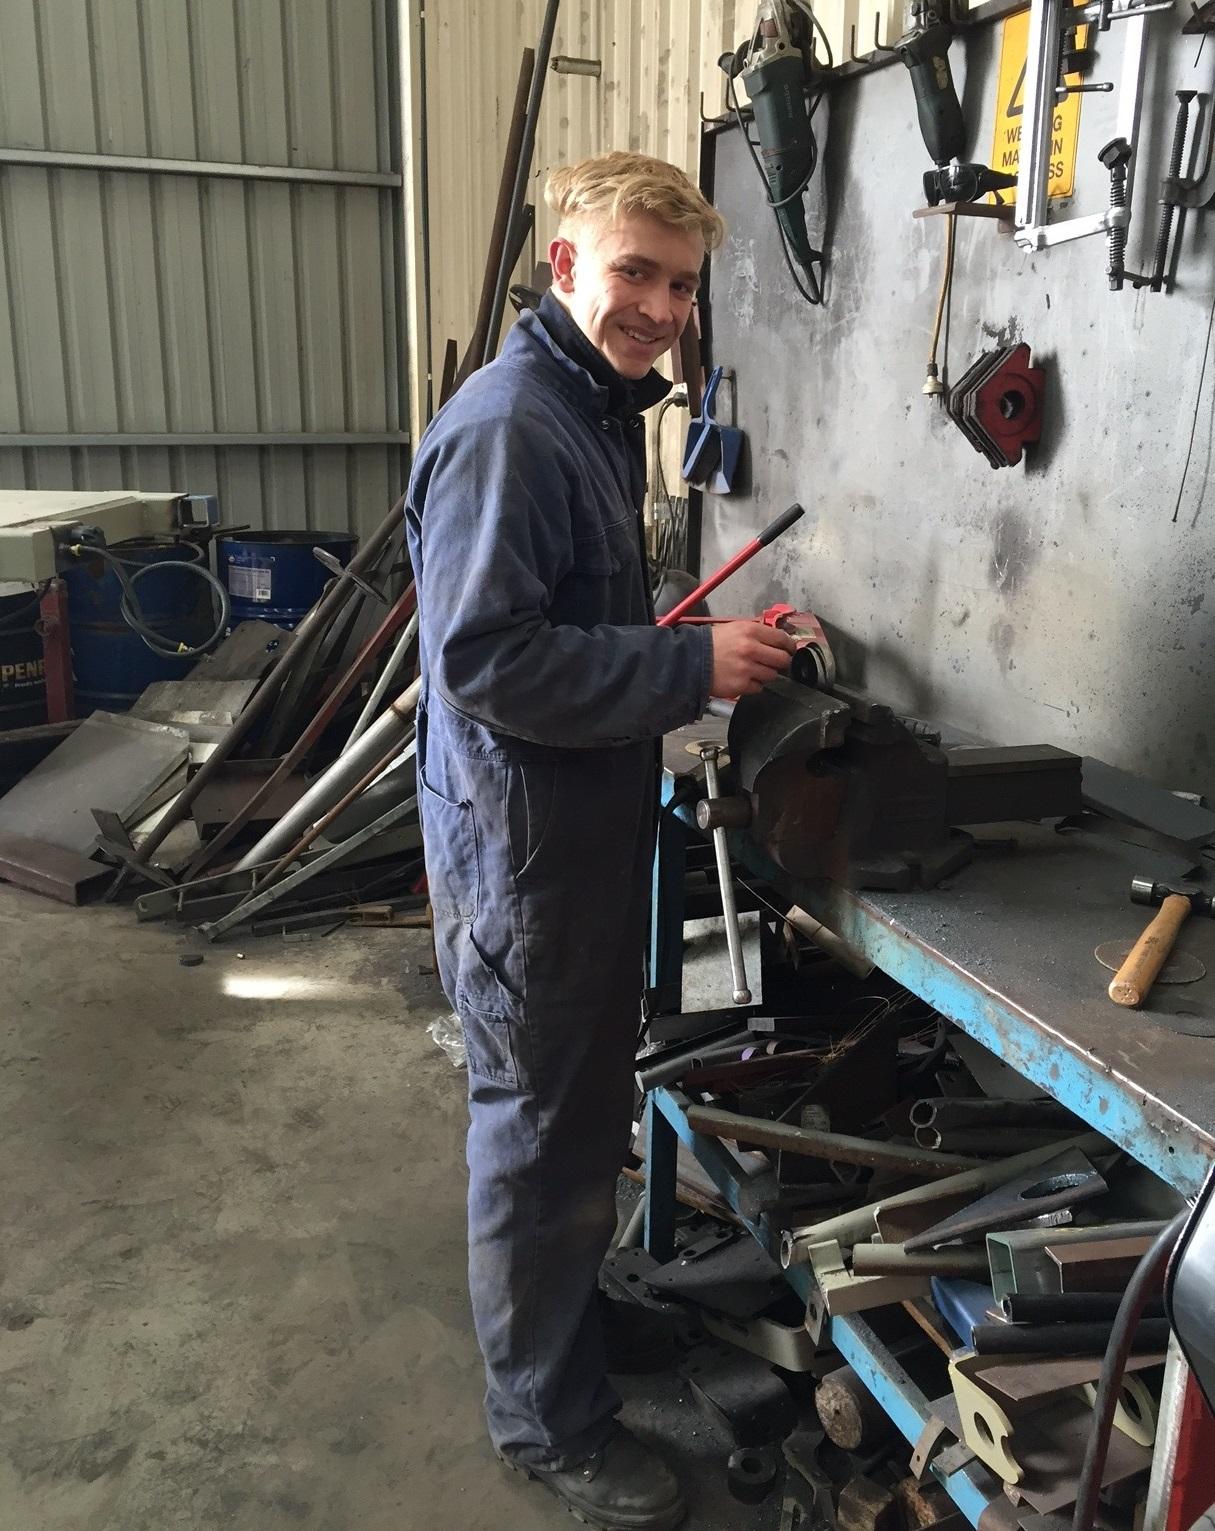 Apprentice Service Technician